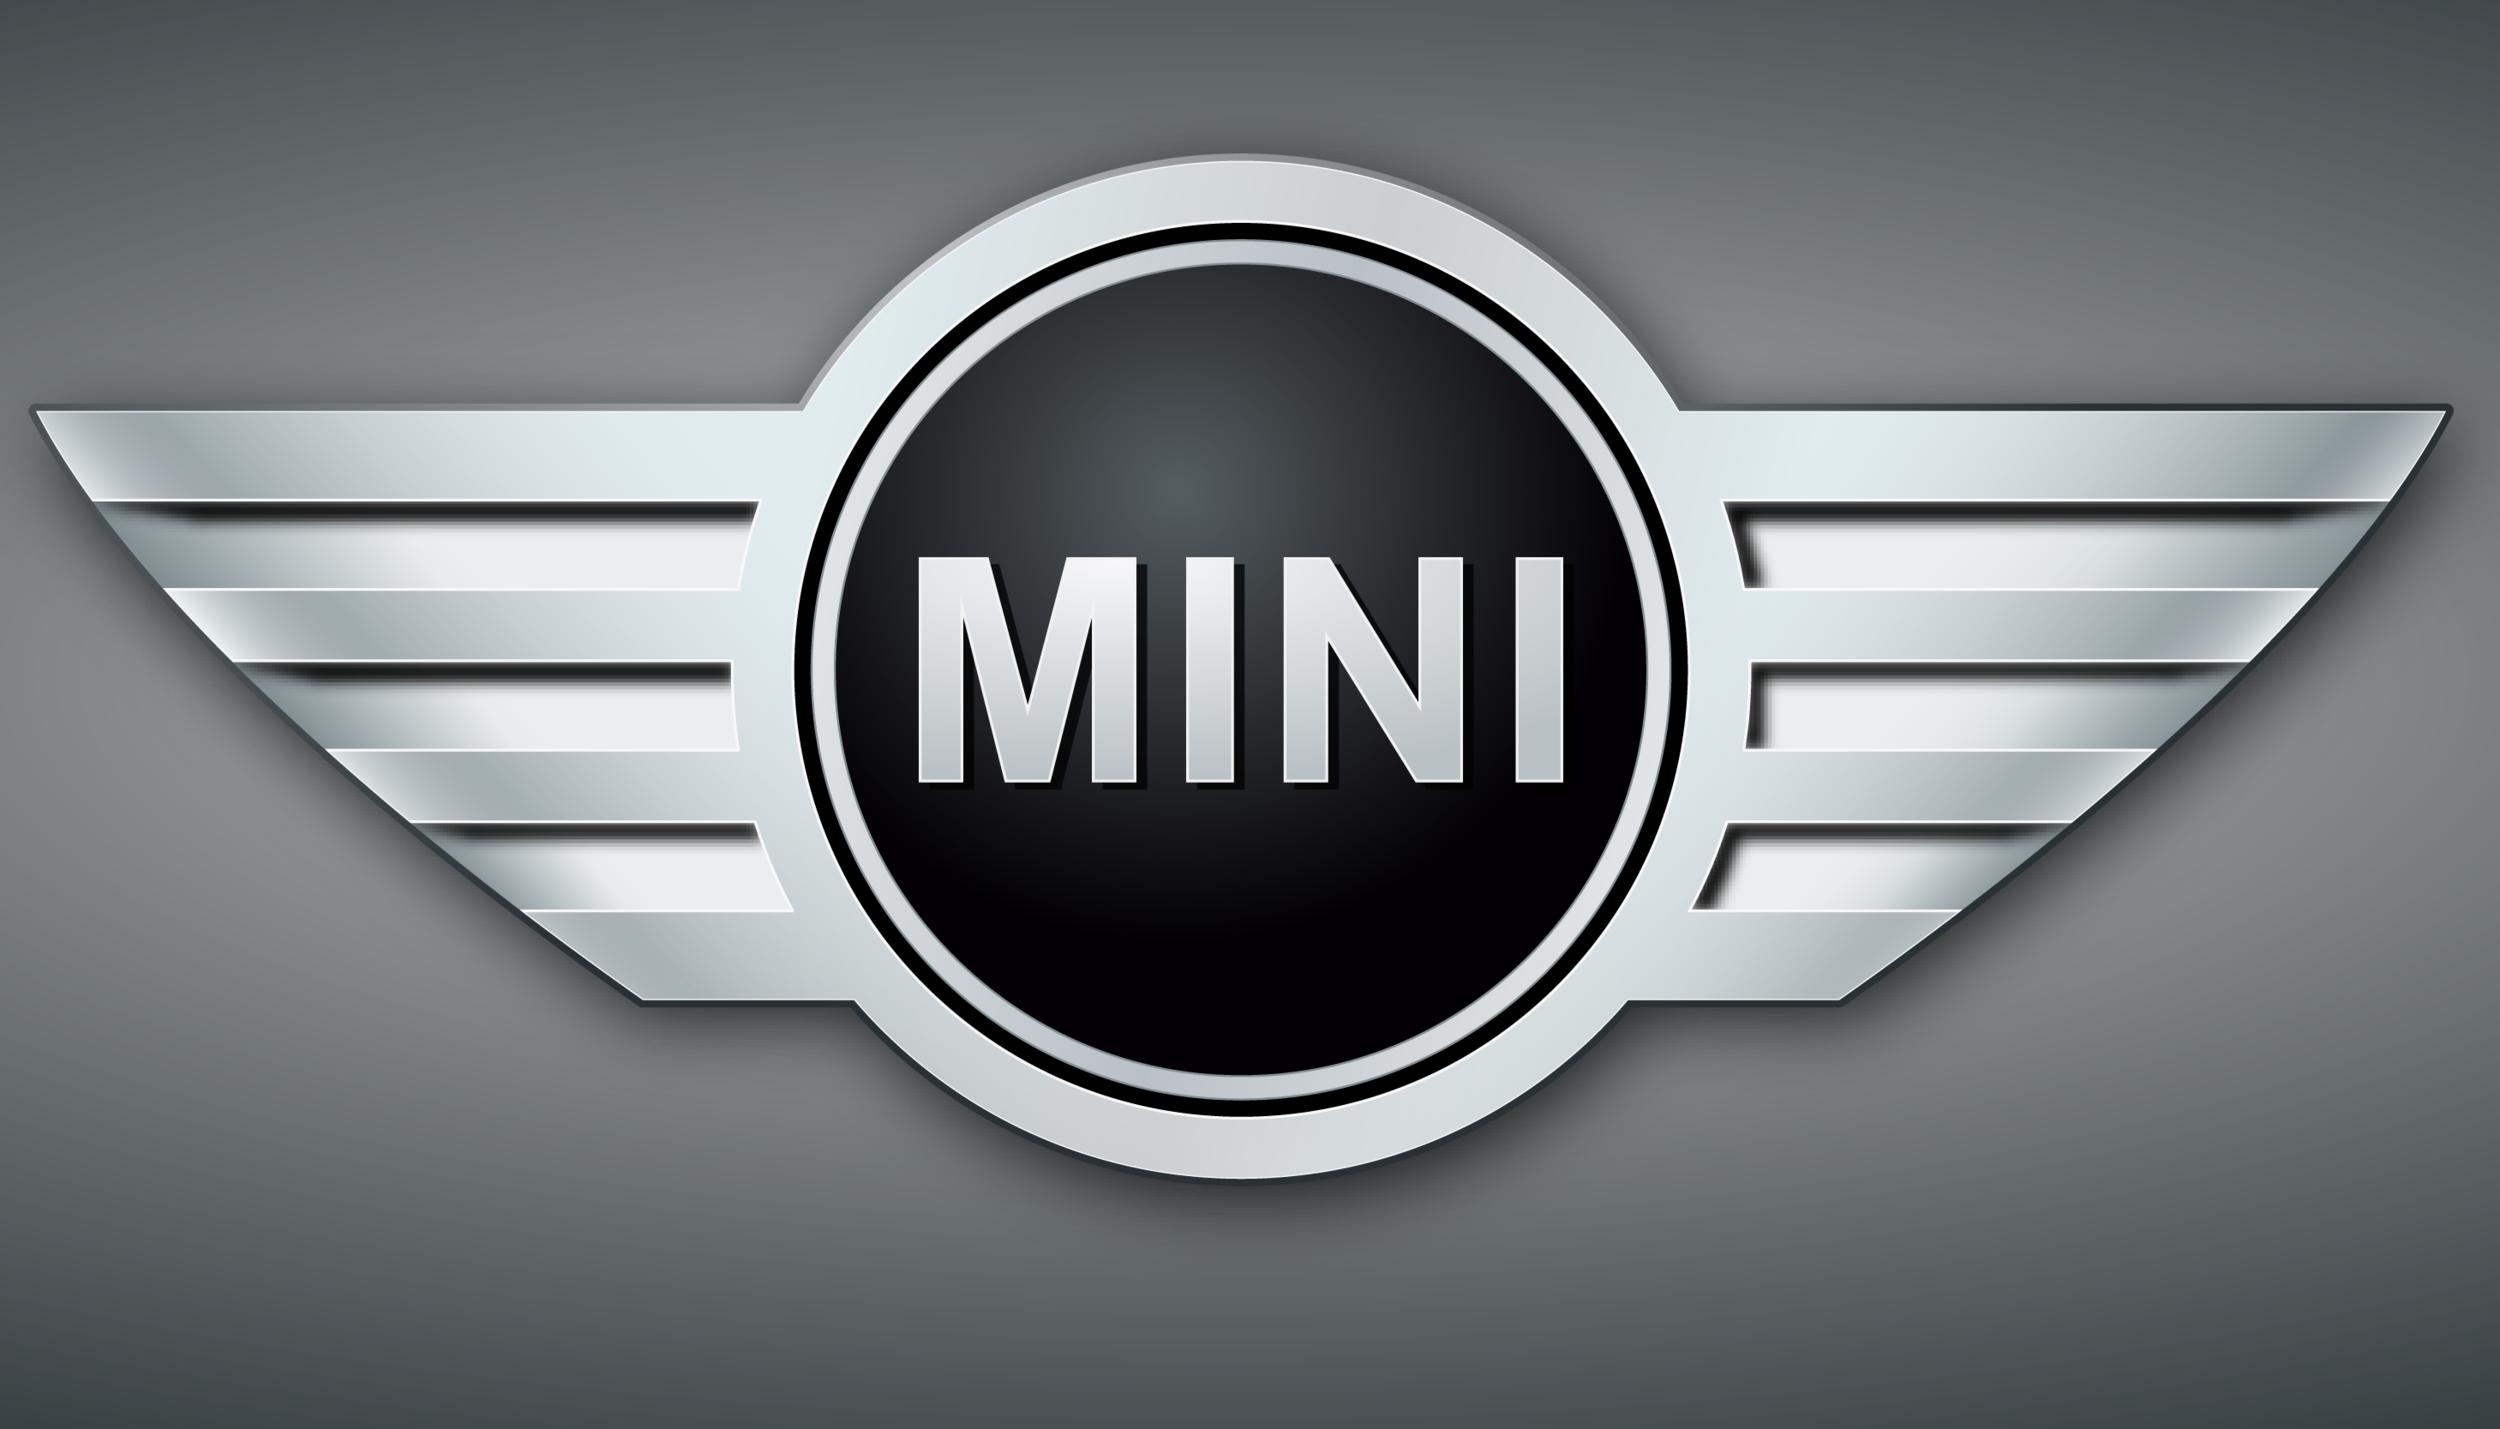 mini-cooper-logo-wallpaper-wallpaper-2.png